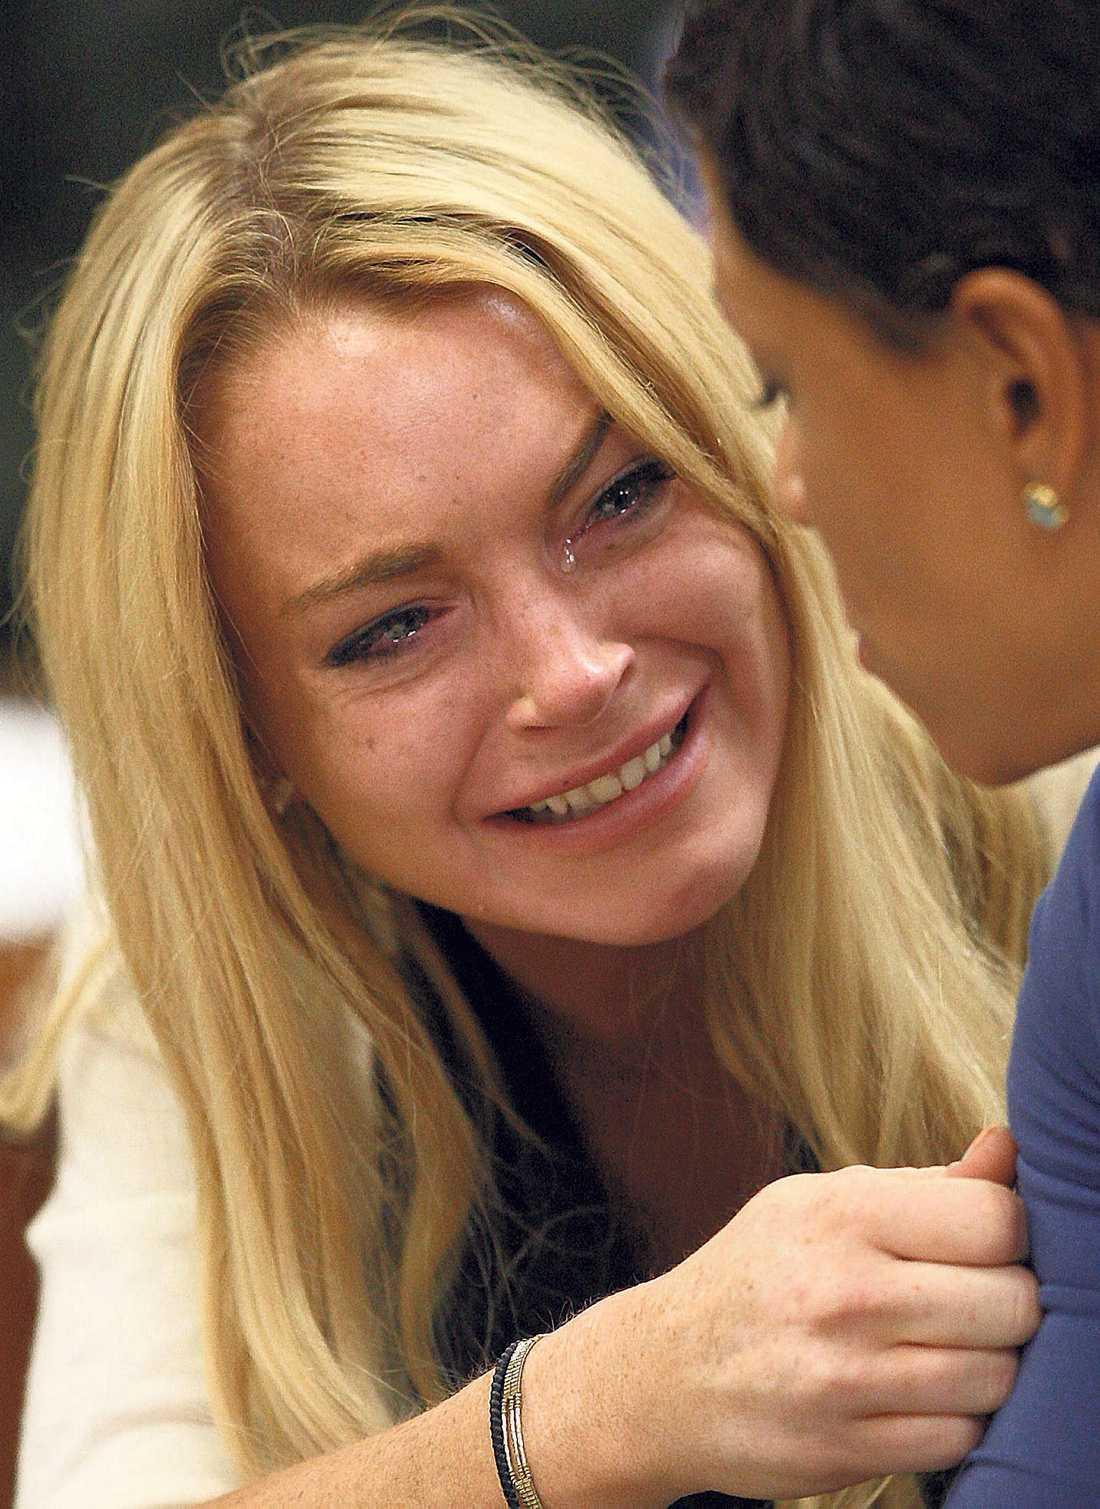 hade villkorligt efter rattfylla Lindsay Lohan bryter ihop när domaren ger henne bekedet att hon måste tillbringa 90 dagar bakom galler och lika många dagar på rehab.